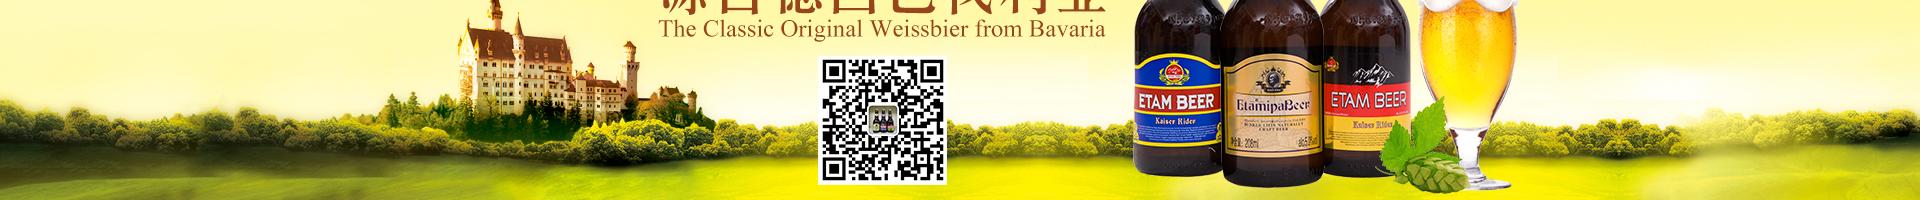 德国巴伐利亚啤酒酿造【中国】有限公司